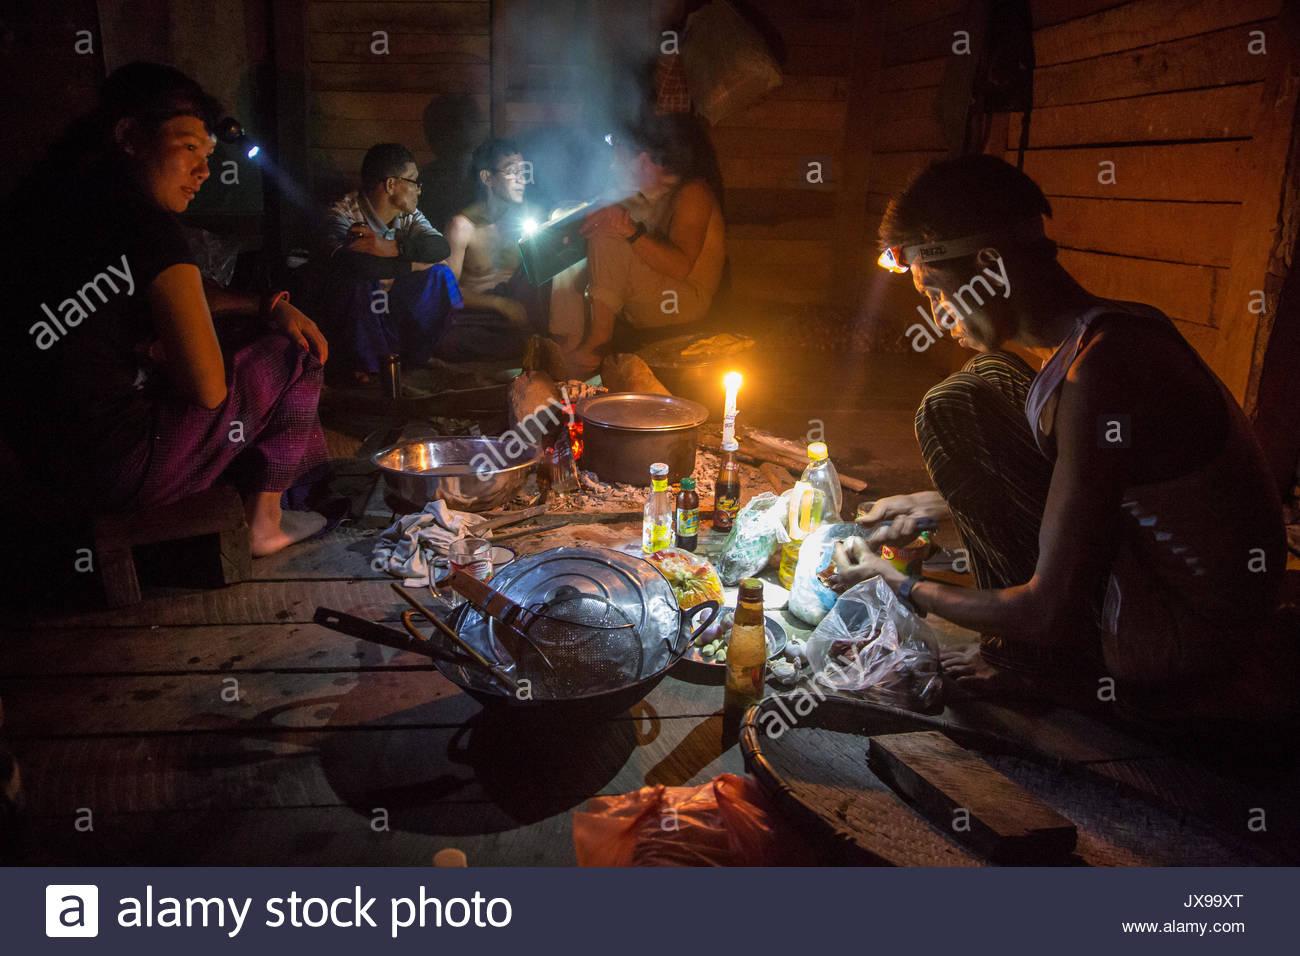 Cargadores preparar una comida por lamplight en una cabina oscura. Imagen De Stock